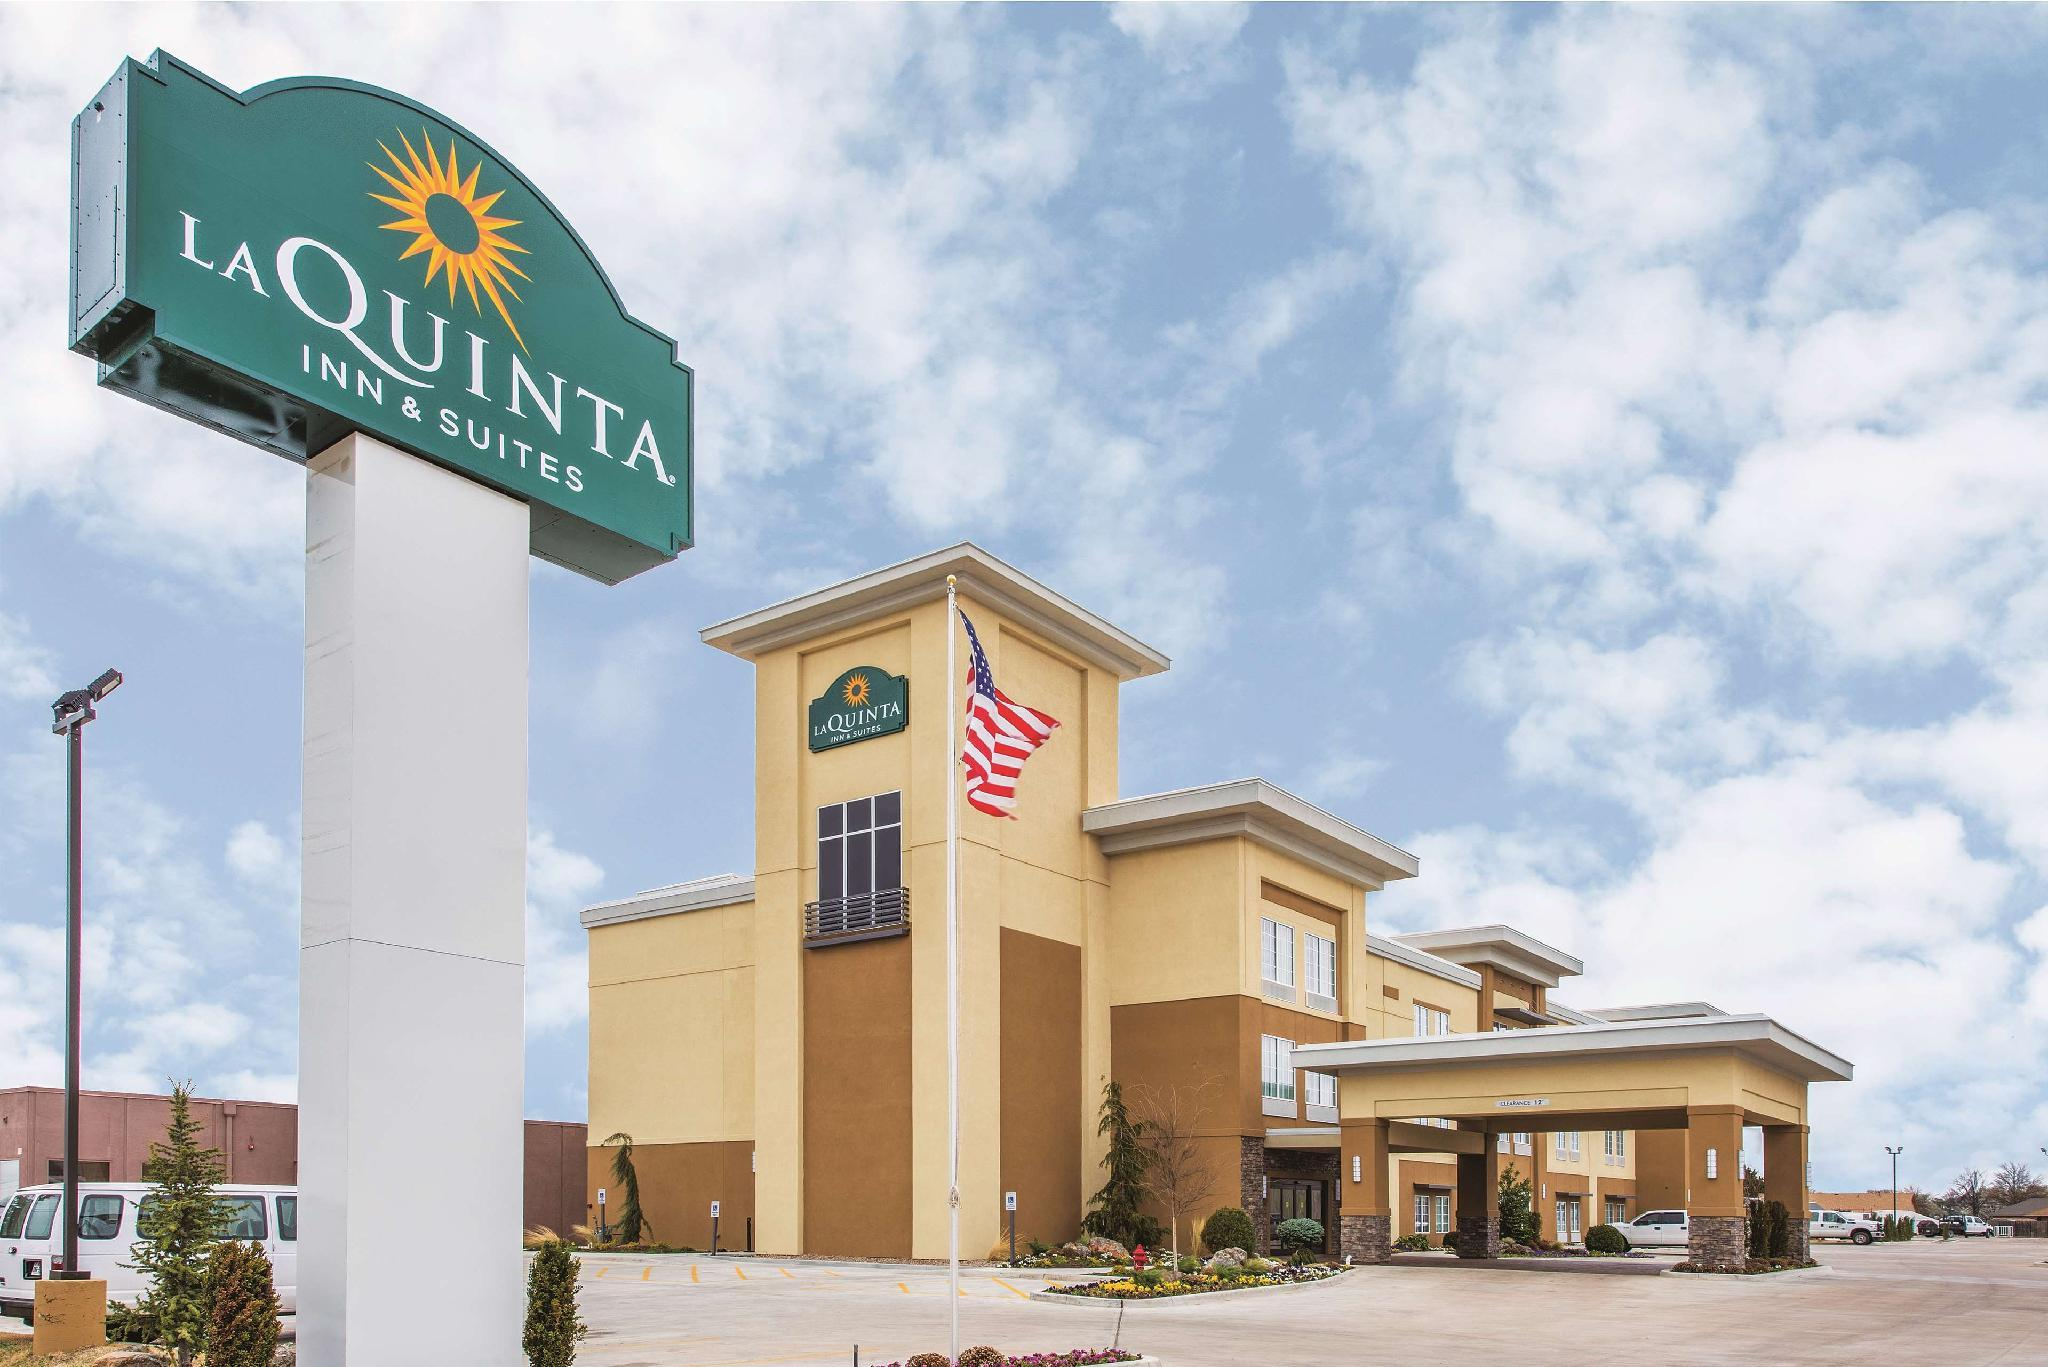 La Quinta Inn & Suites By Wyndham Enid Enid (OK) United States